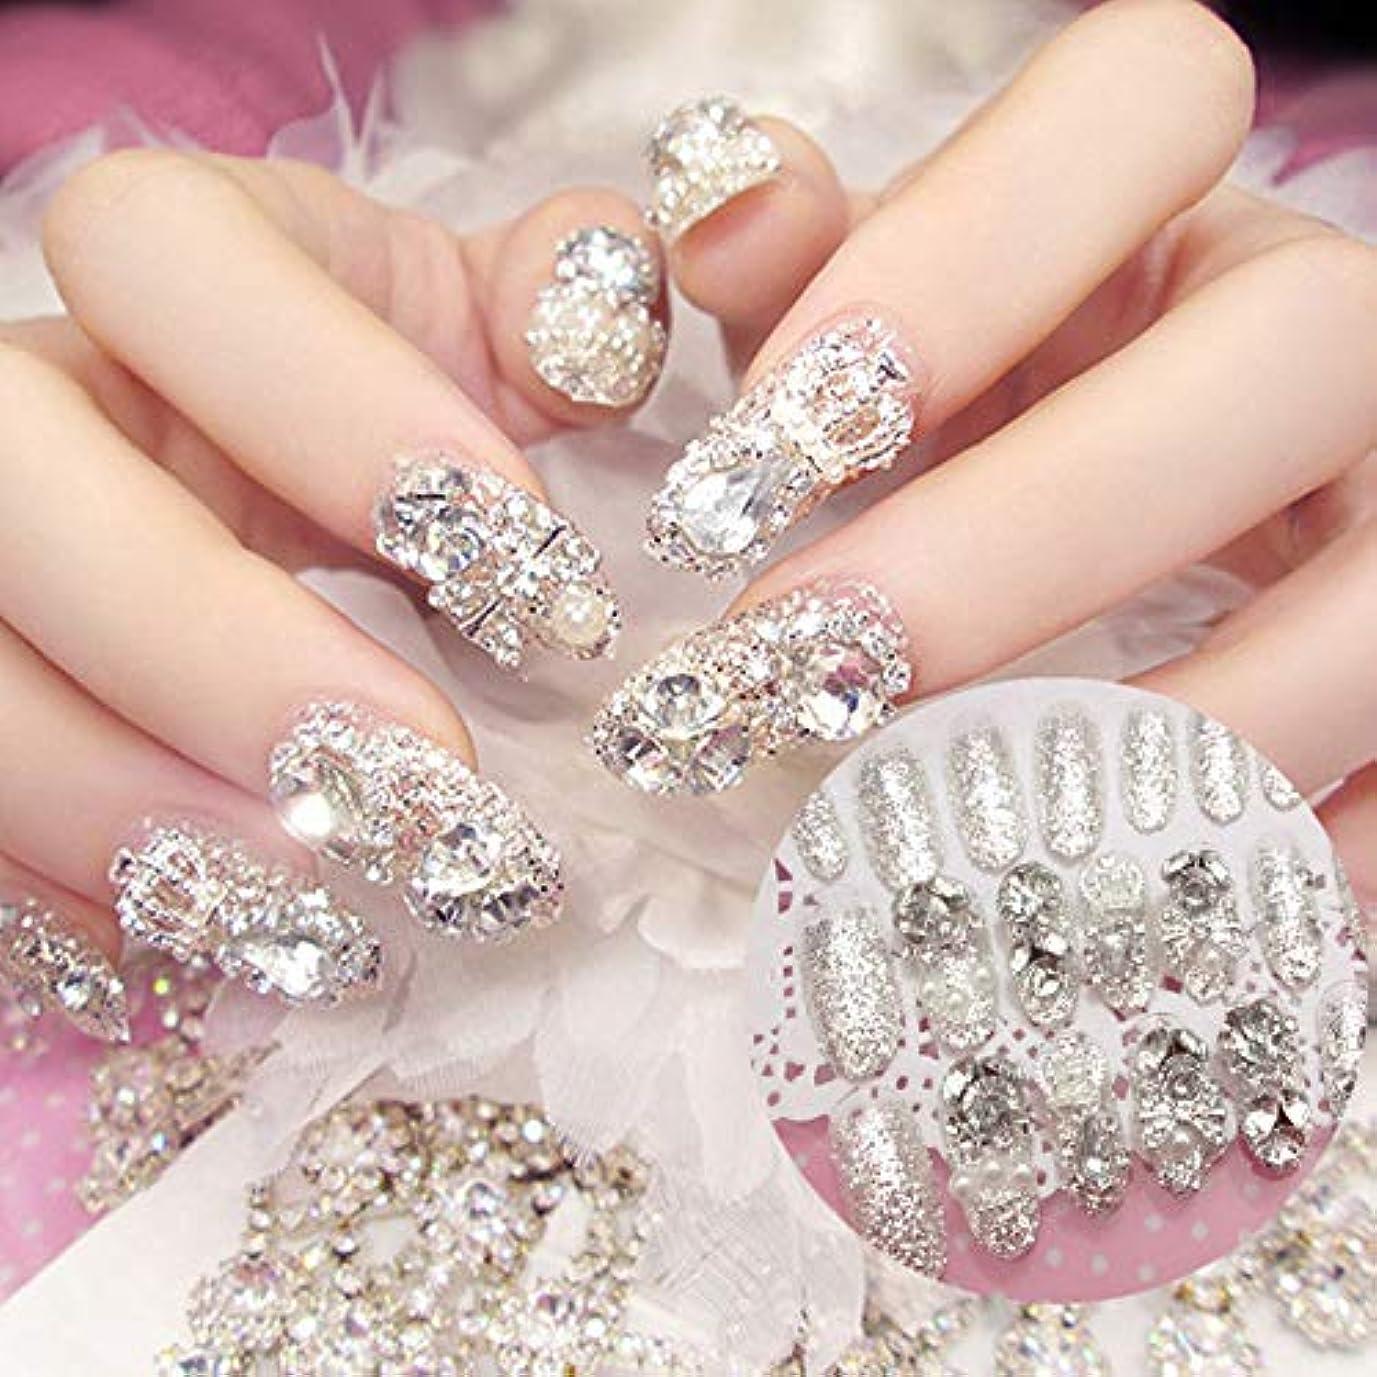 重要な十代農学XUTXZKA 24本の輝くラインストーンの結婚式の偽の爪透明グリッタースクエアフルショートフェイクネイル花嫁